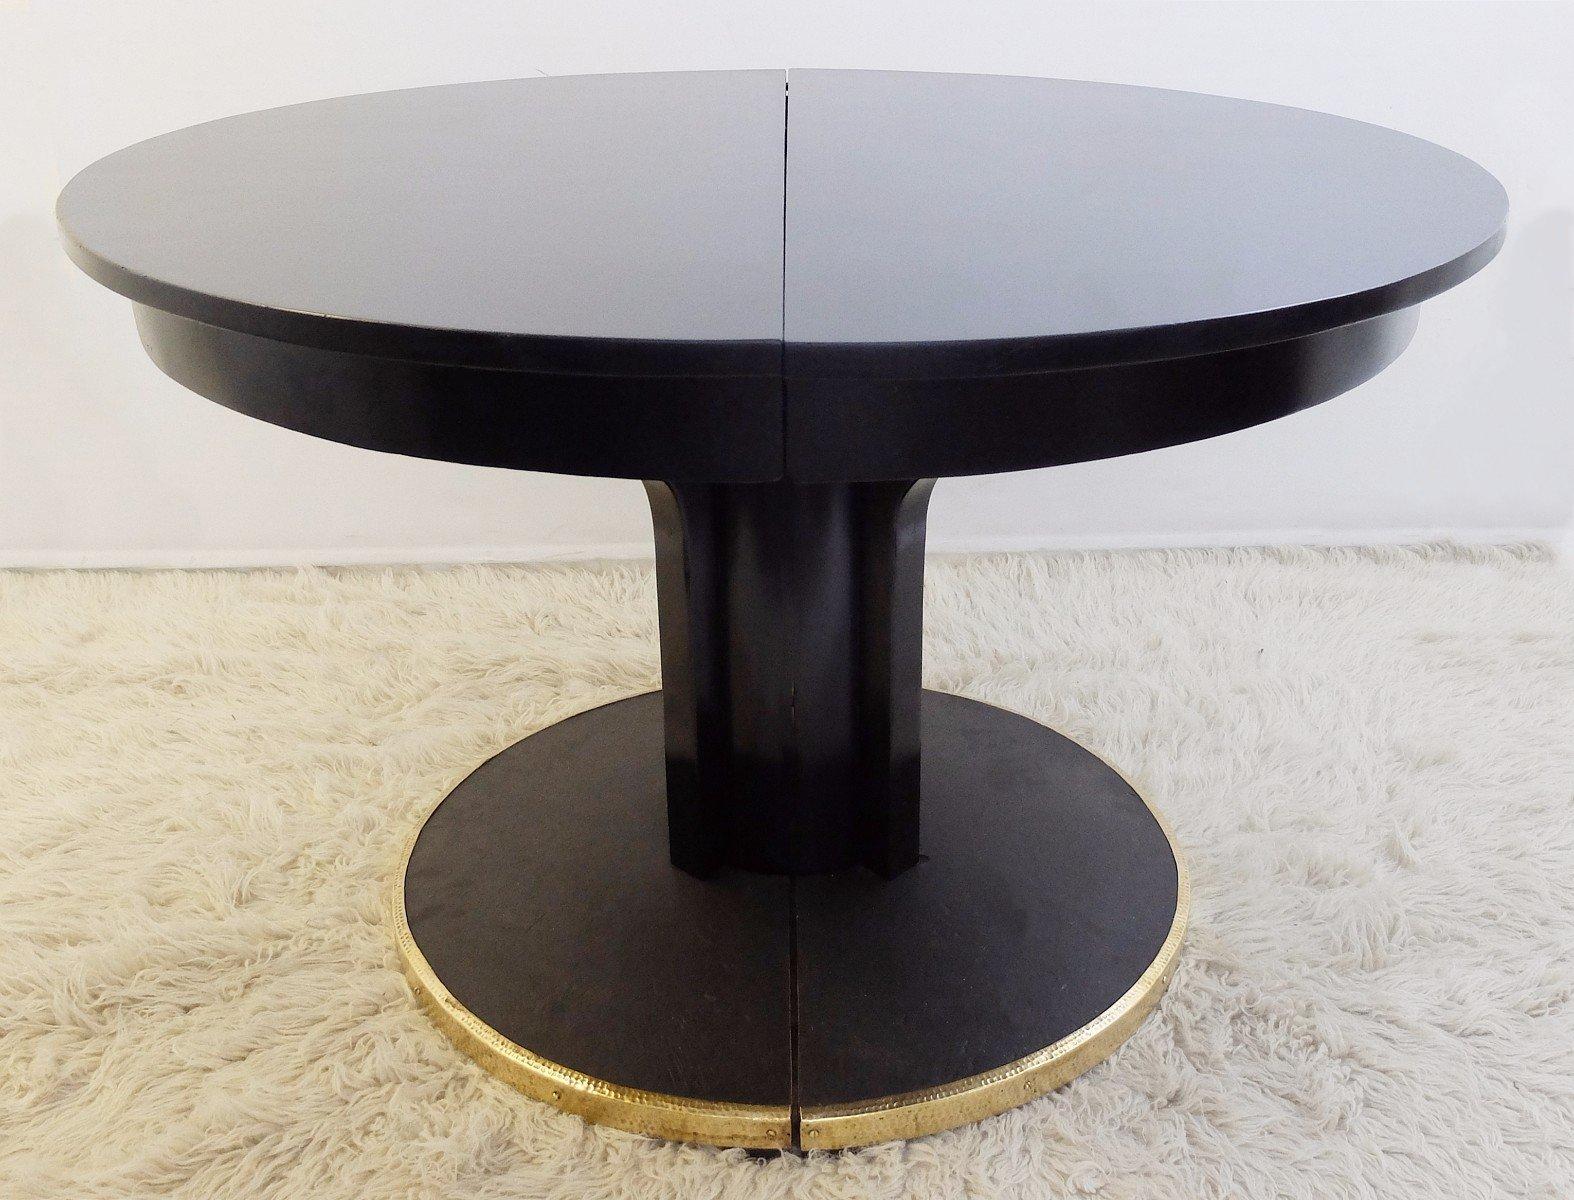 Tavolo rotondo antico in legno laccato nero in vendita su Pamono